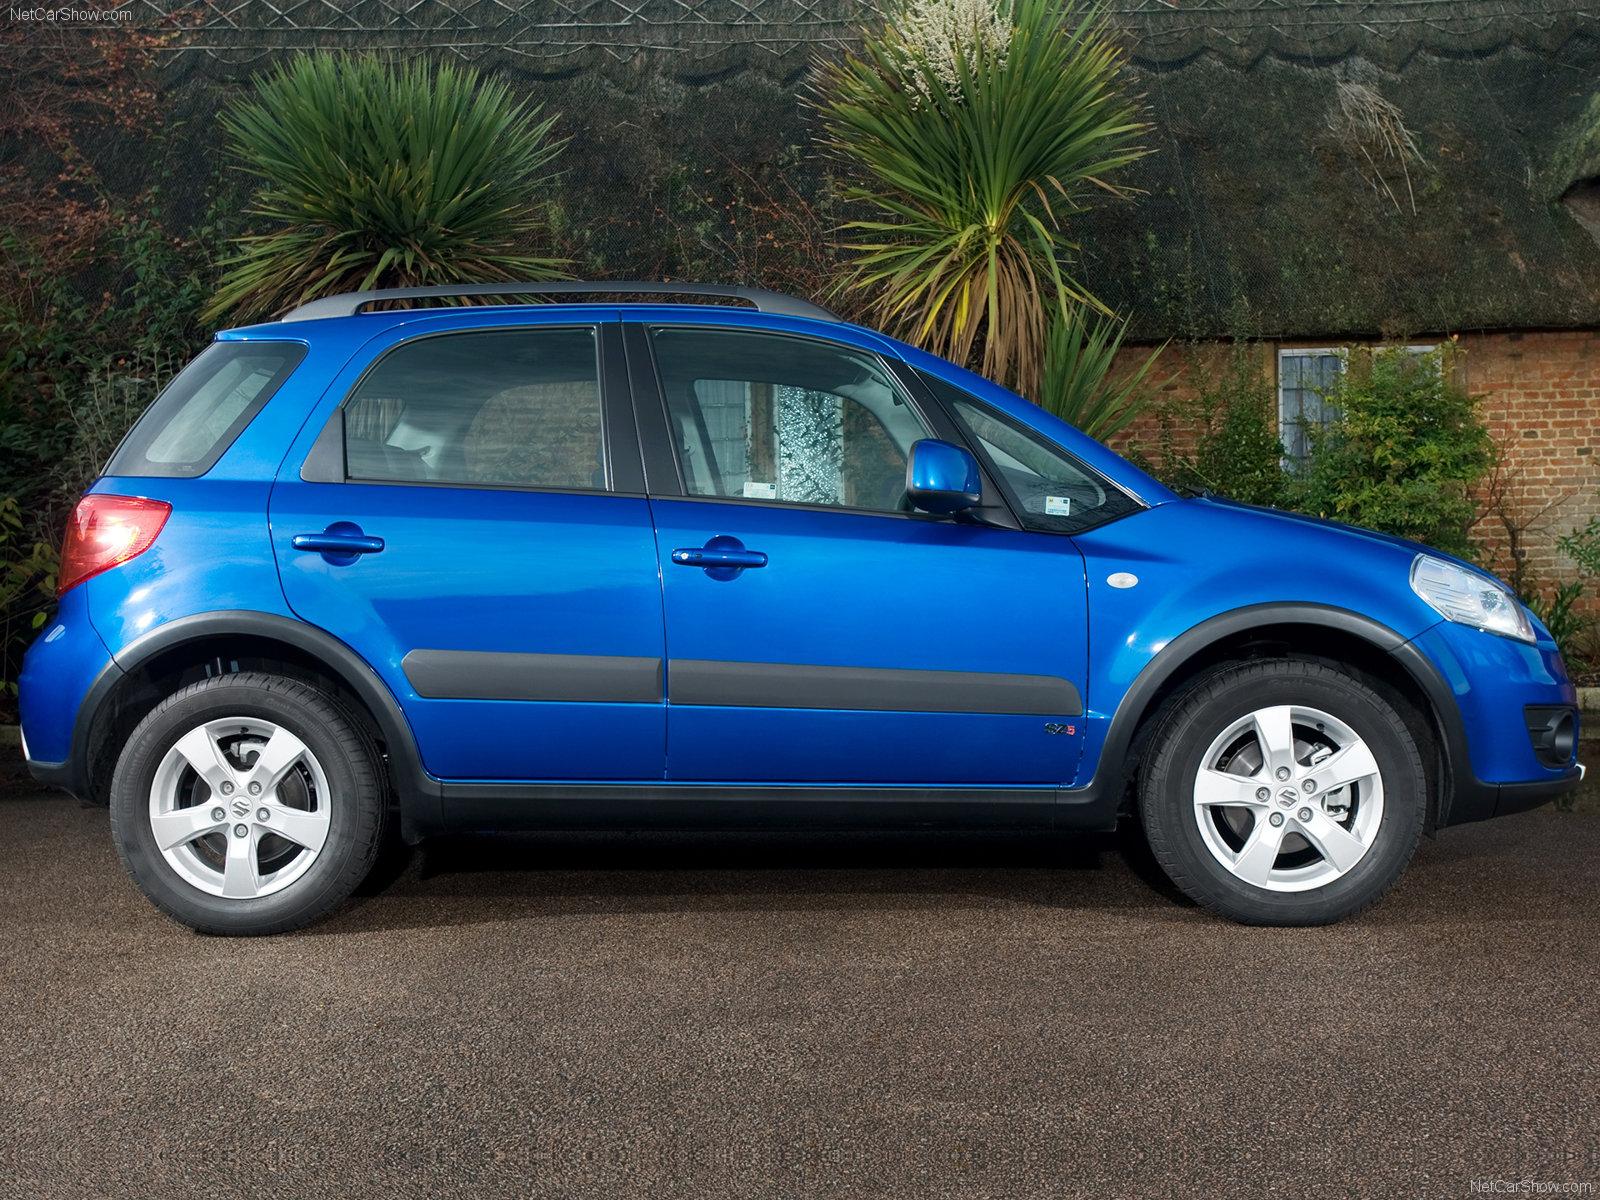 Hình ảnh xe ô tô Suzuki SX4 2010 & nội ngoại thất